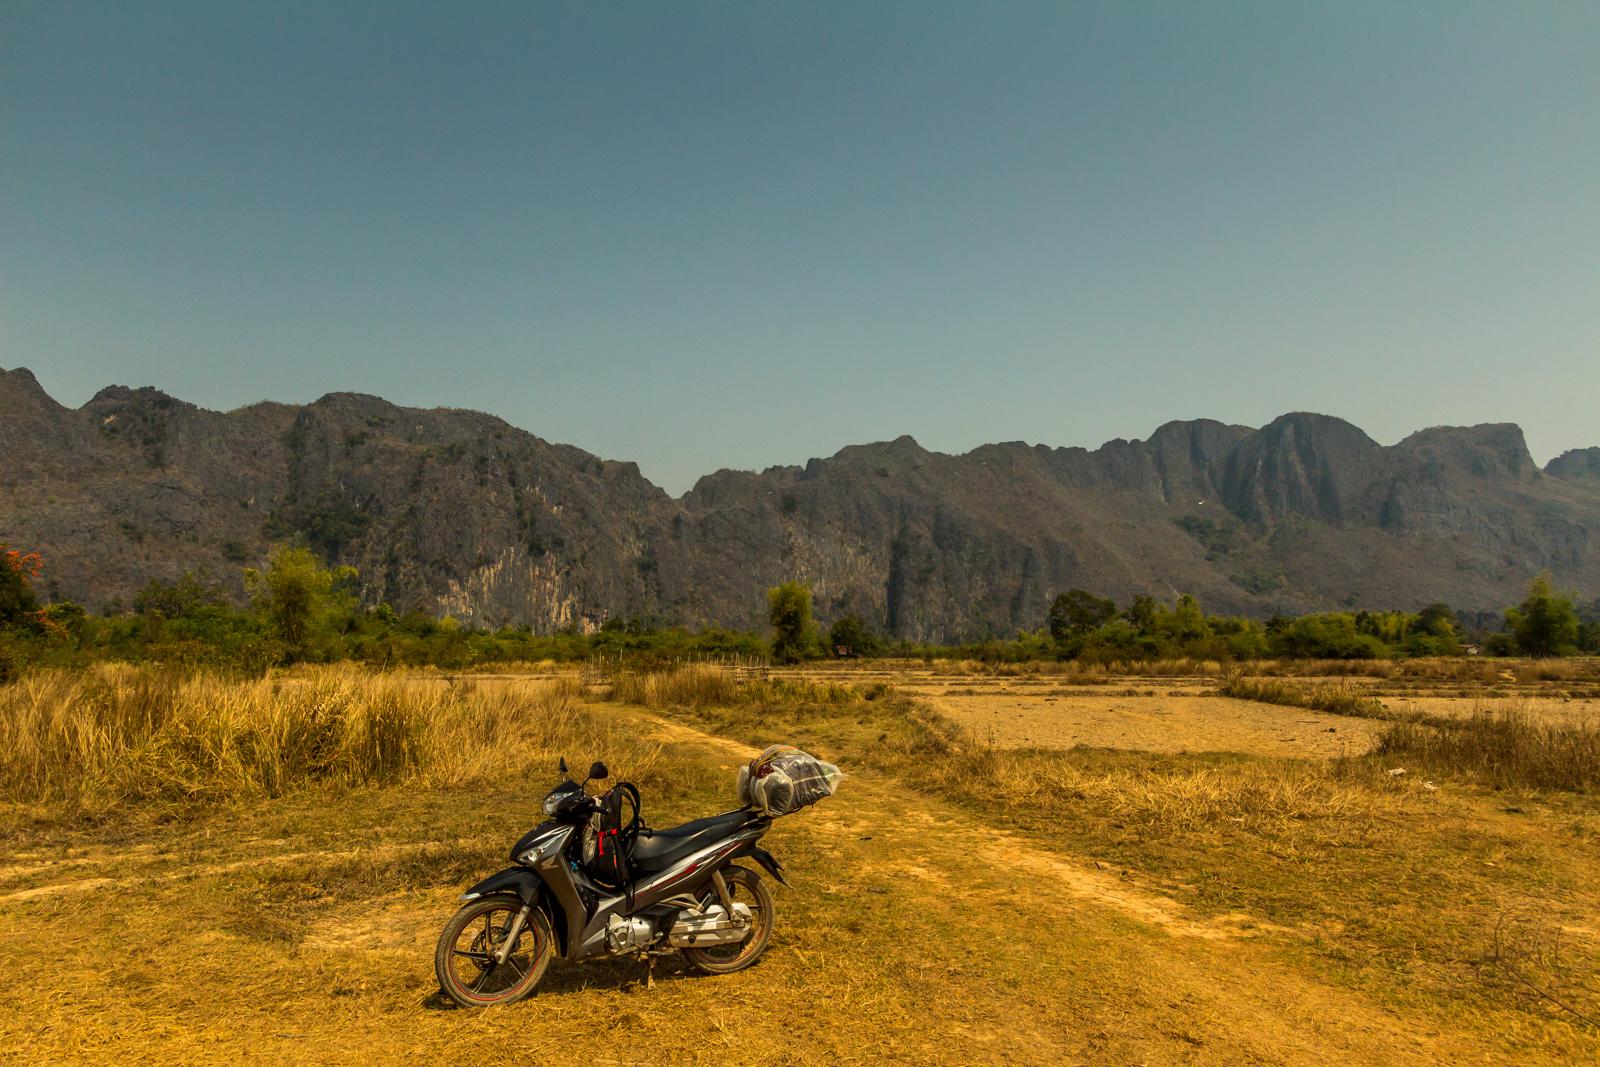 Amazing scenery.